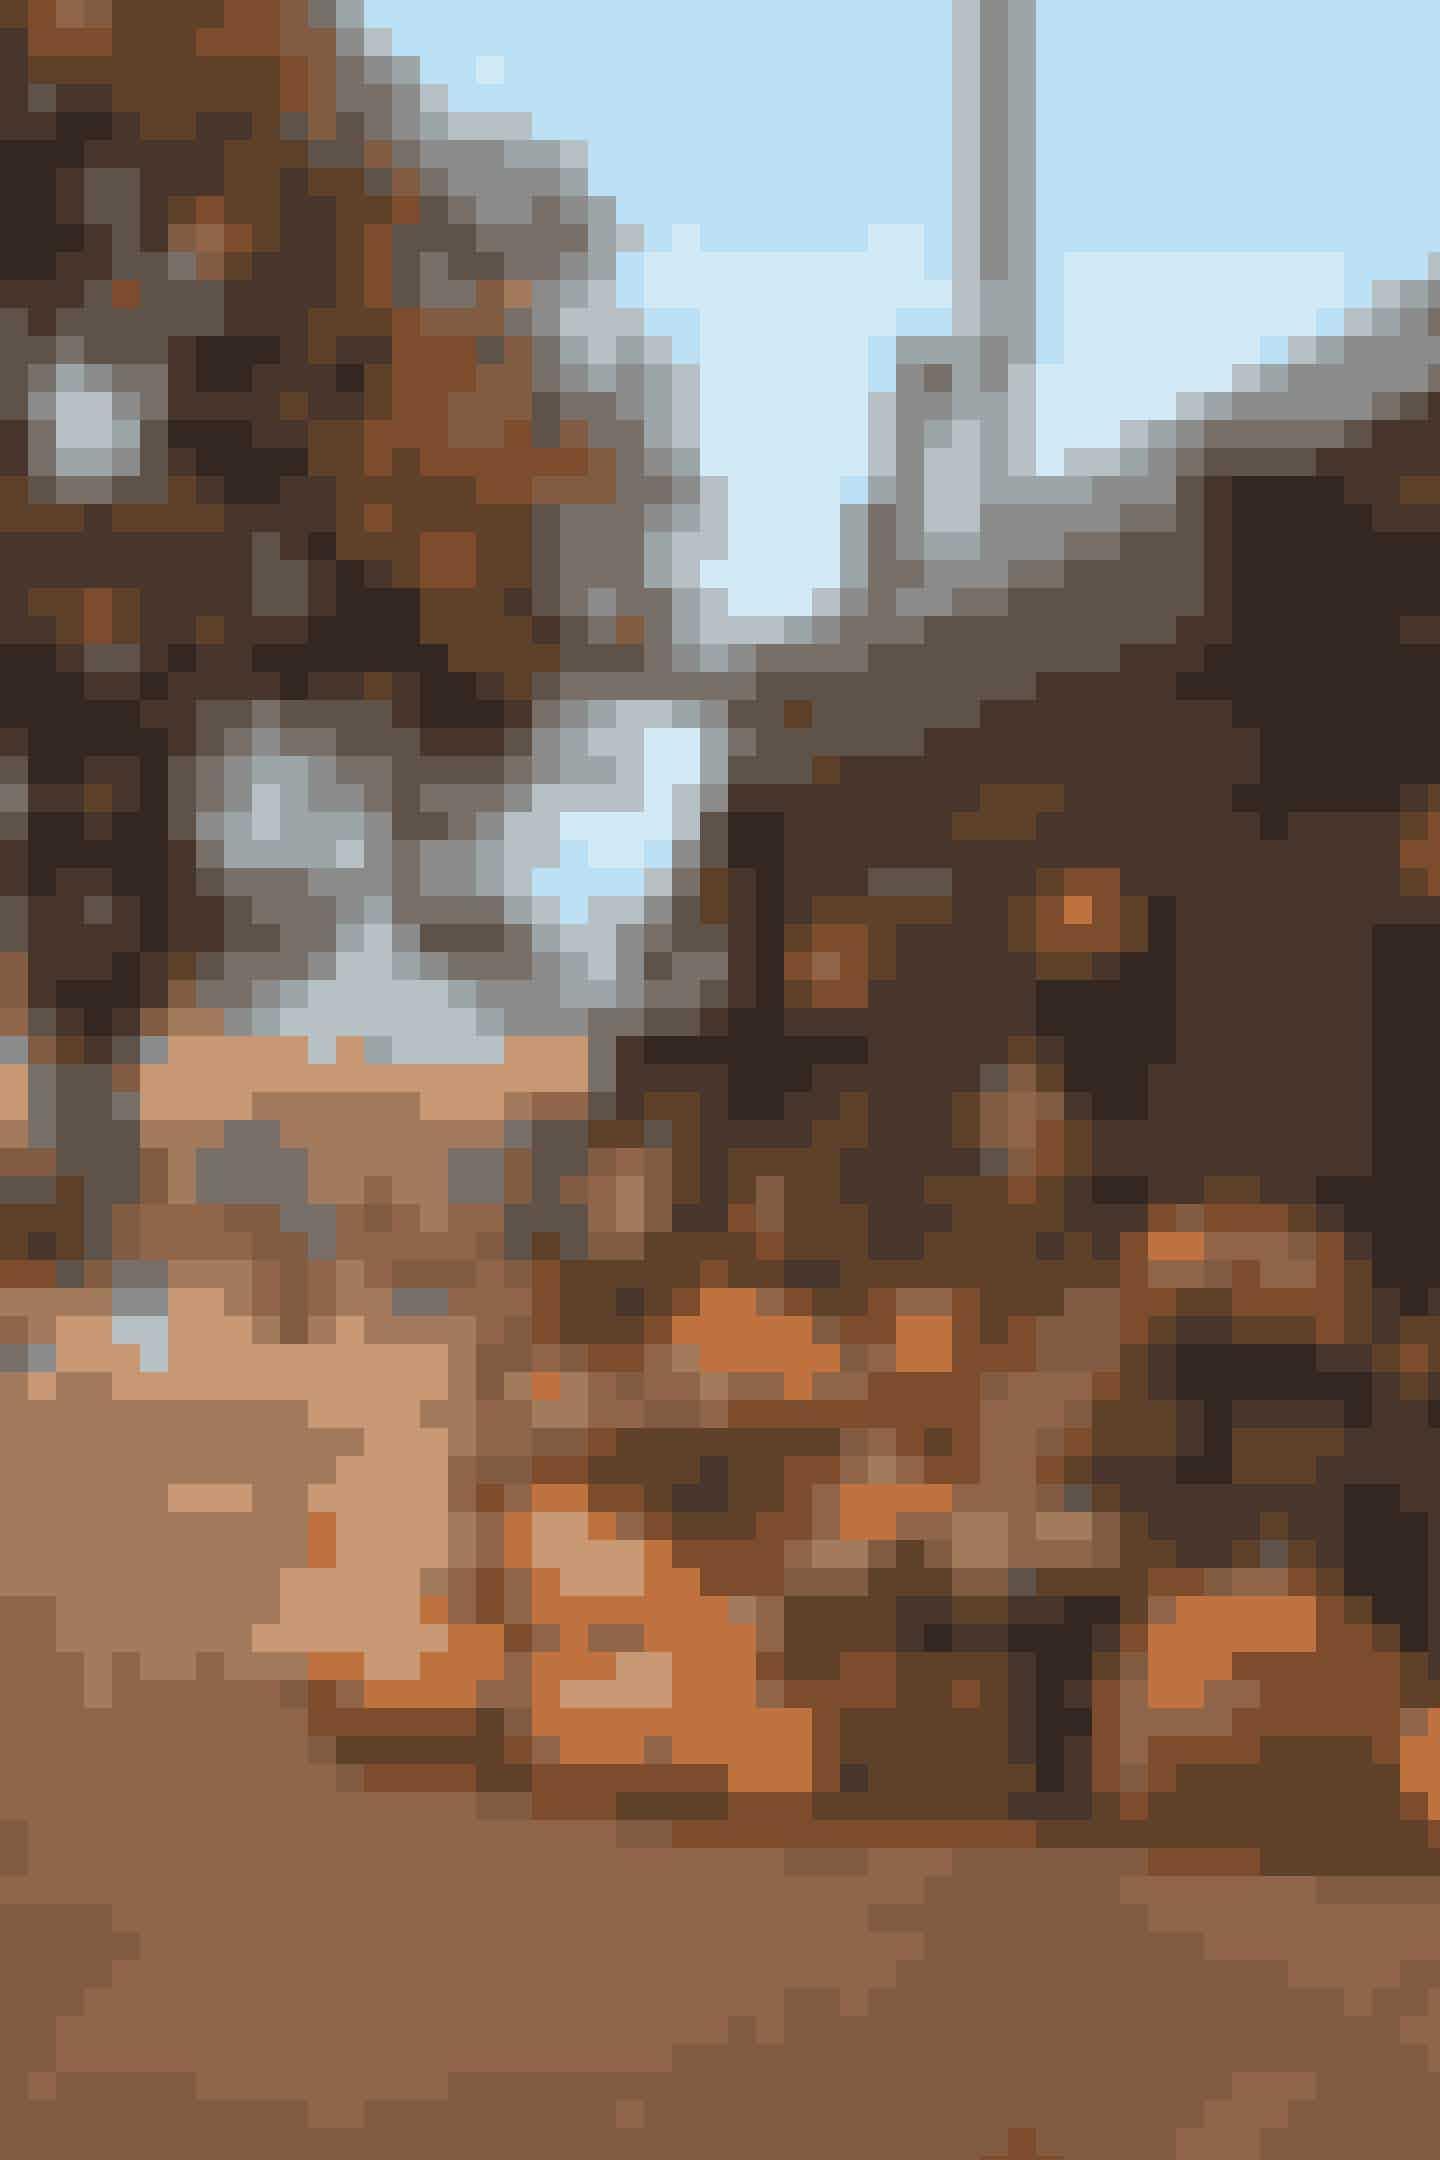 Halloween i TivoliHalloween i Tivoli er både for børn og voksne – bare man har hang til hygge og uhygge. Der er over 21.000 dekorative græskar, svævende spøgelser, flyvende heksekoste og en Have badet i det særlige orange lys, som signalerer Halloween i Tivoli.Hvor: Tivoli.Hvornår: fra fredag den 11. oktober til søndag den 3. november 2019.